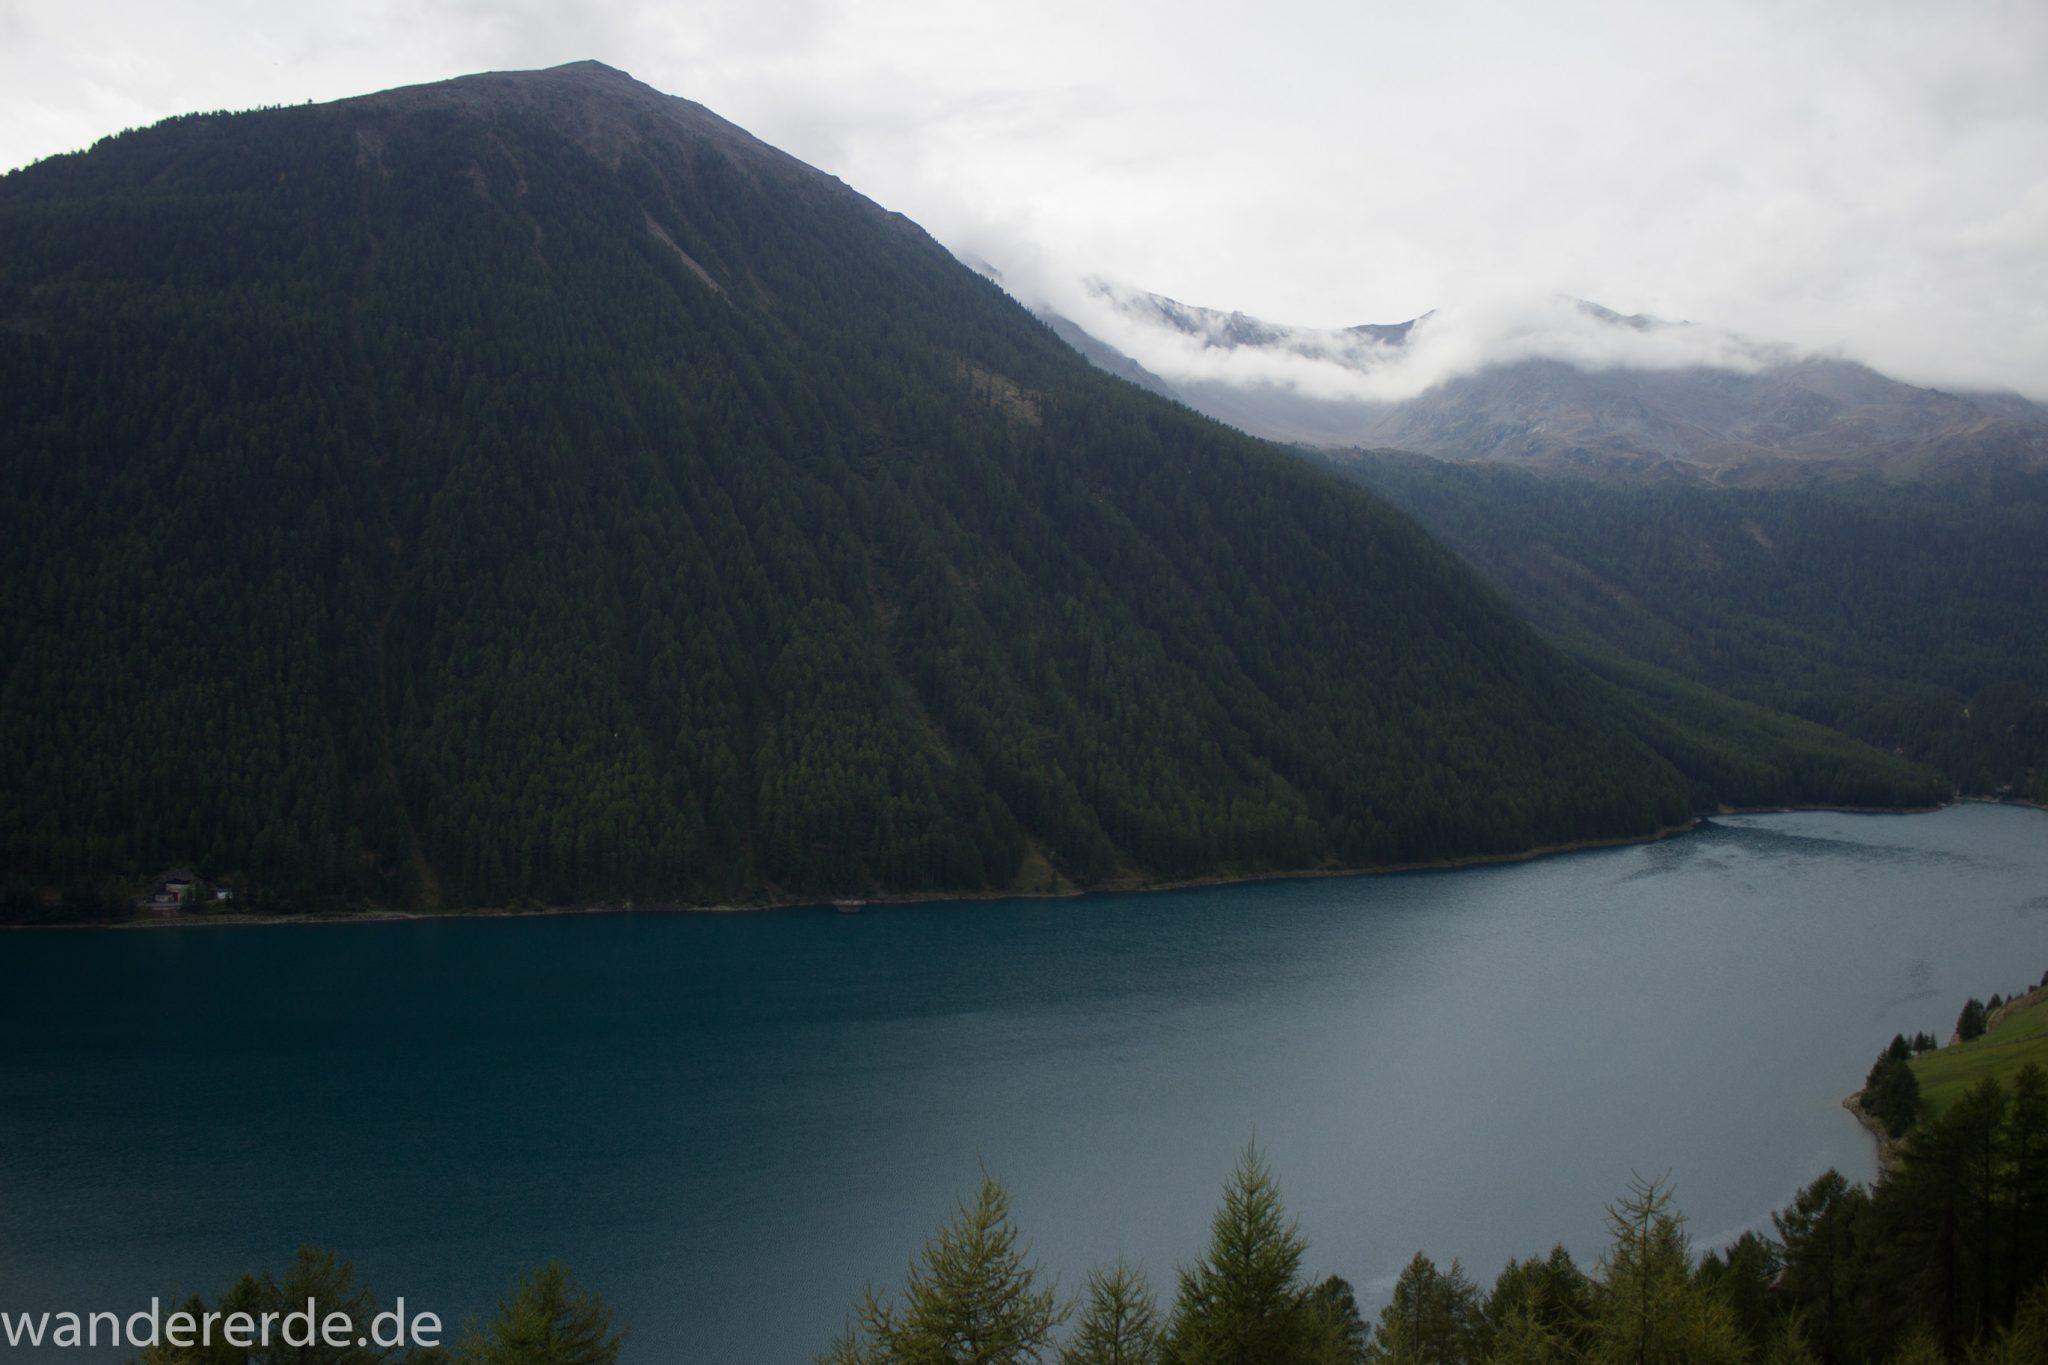 Alpenüberquerung Fernwanderweg E5 Oberstdorf Meran, 6. Etappe von Martin-Busch-Hütte nach Vernagt / Meran, nach dem Aufstieg zur Similaun-Hütte auf der letzten Etappe der Alpenüberquerung auf dem E5 verläuft der Wanderweg steil abwärts Richtung Vernagt im Schnalstal,  Blick auf den Stausee in Vernagt und die umliegenden Wälder, saftig grüne Vegetation, Stausee ist das Ziel der Alpenüberquerung auf dem E5, nach Meran geht es weiter mit dem Bus und Zug